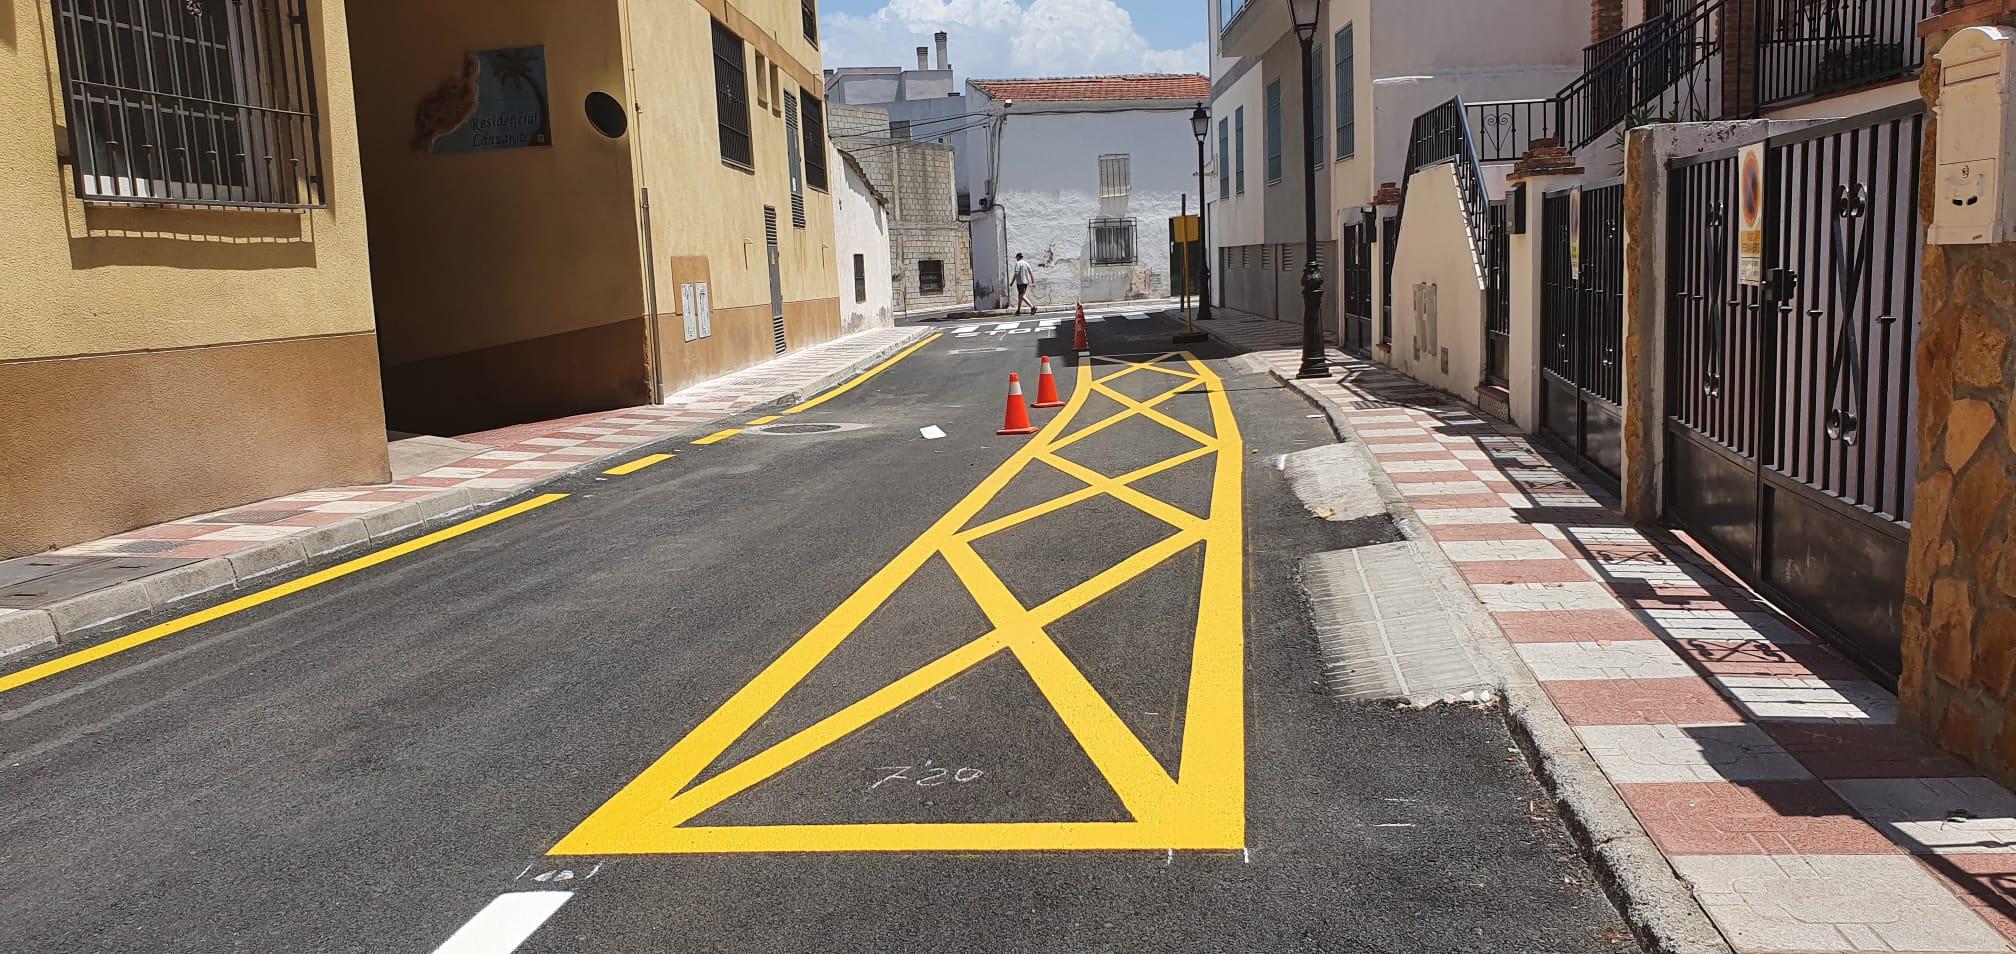 Cúllar Vega finaliza la reforma integral de la calle San Juan, una de las vías más transitadas del municipio